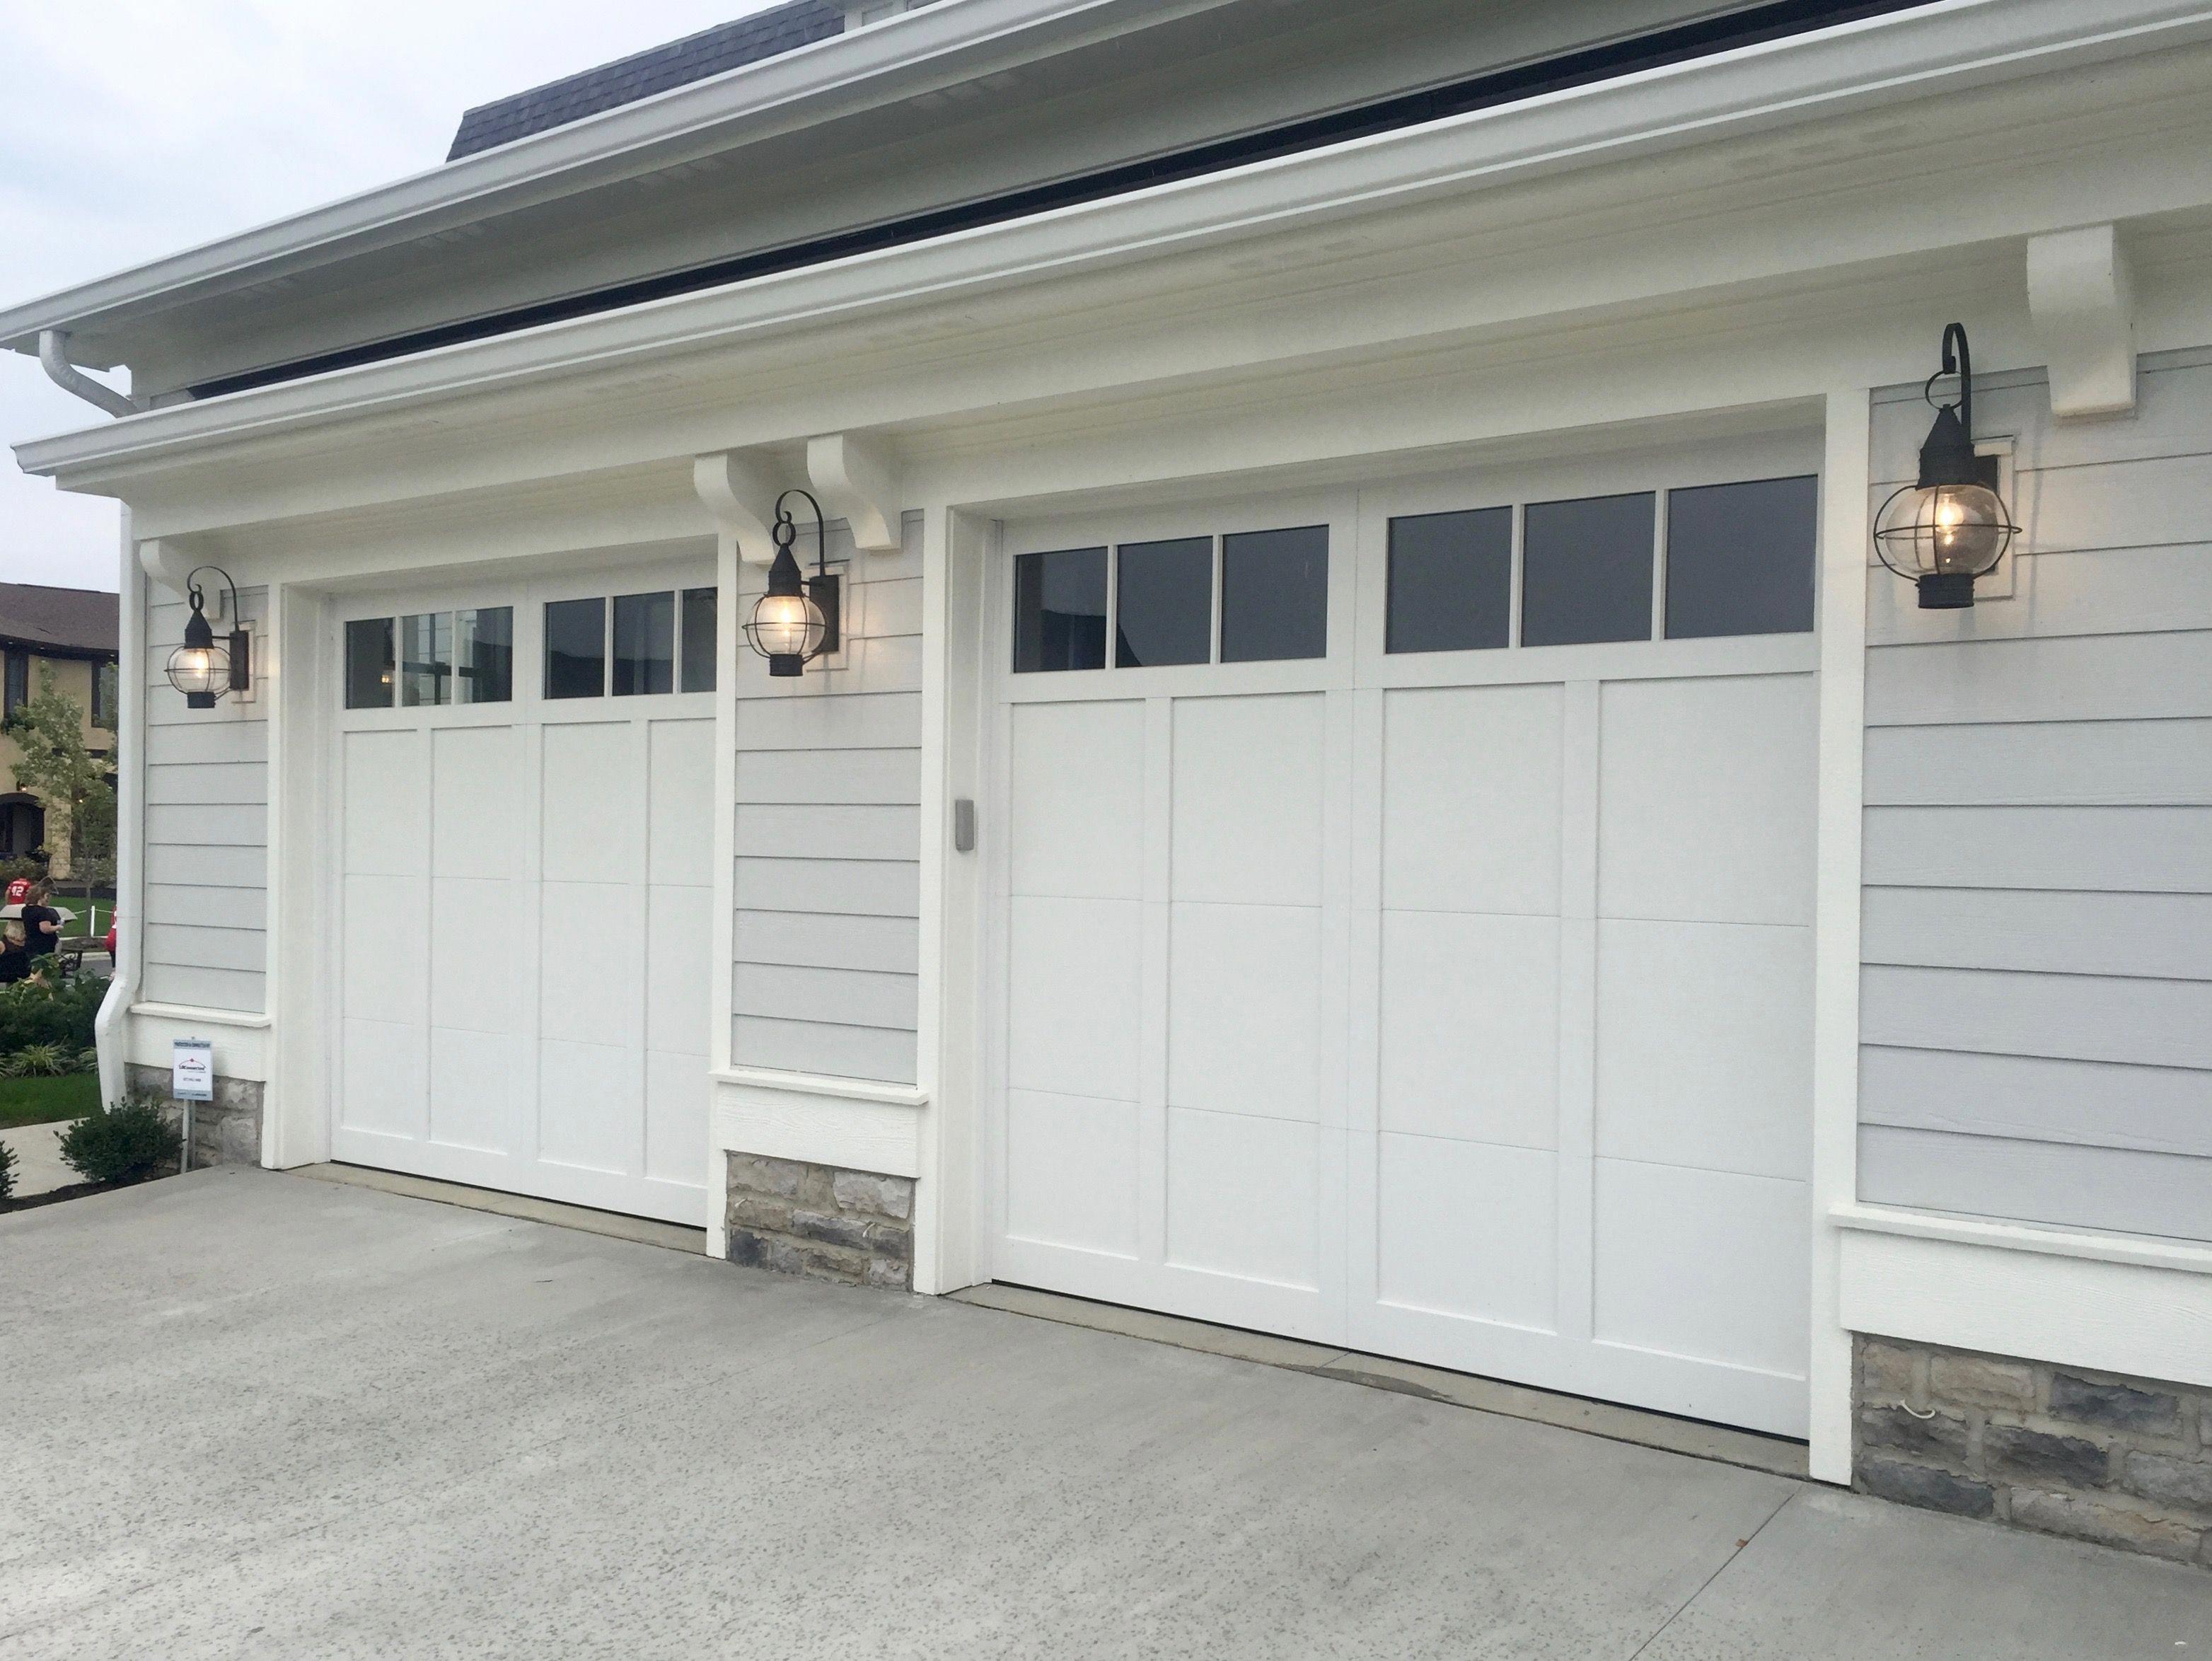 2 Car Garage Door Single Door Not Two Single Panels Like Other Pic